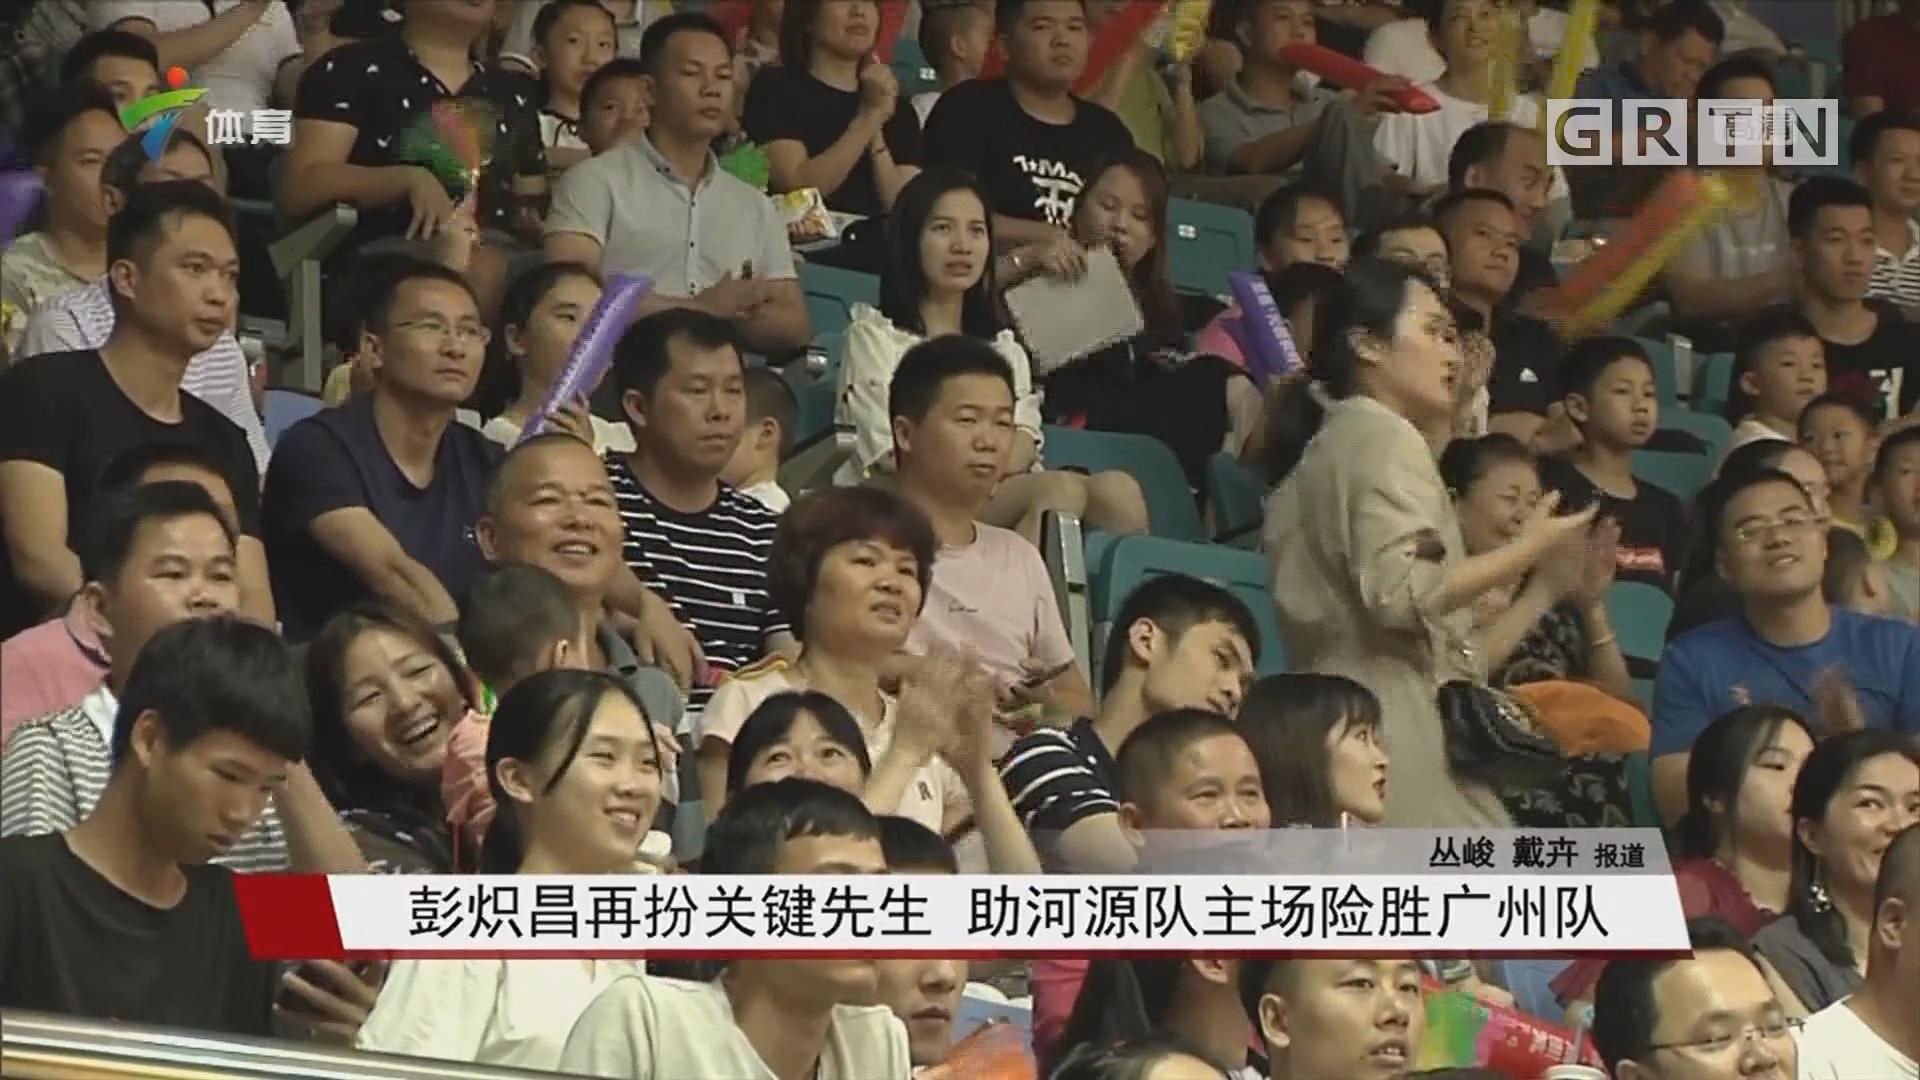 彭炽昌再扮关键先生 助河源队主场险胜广州队